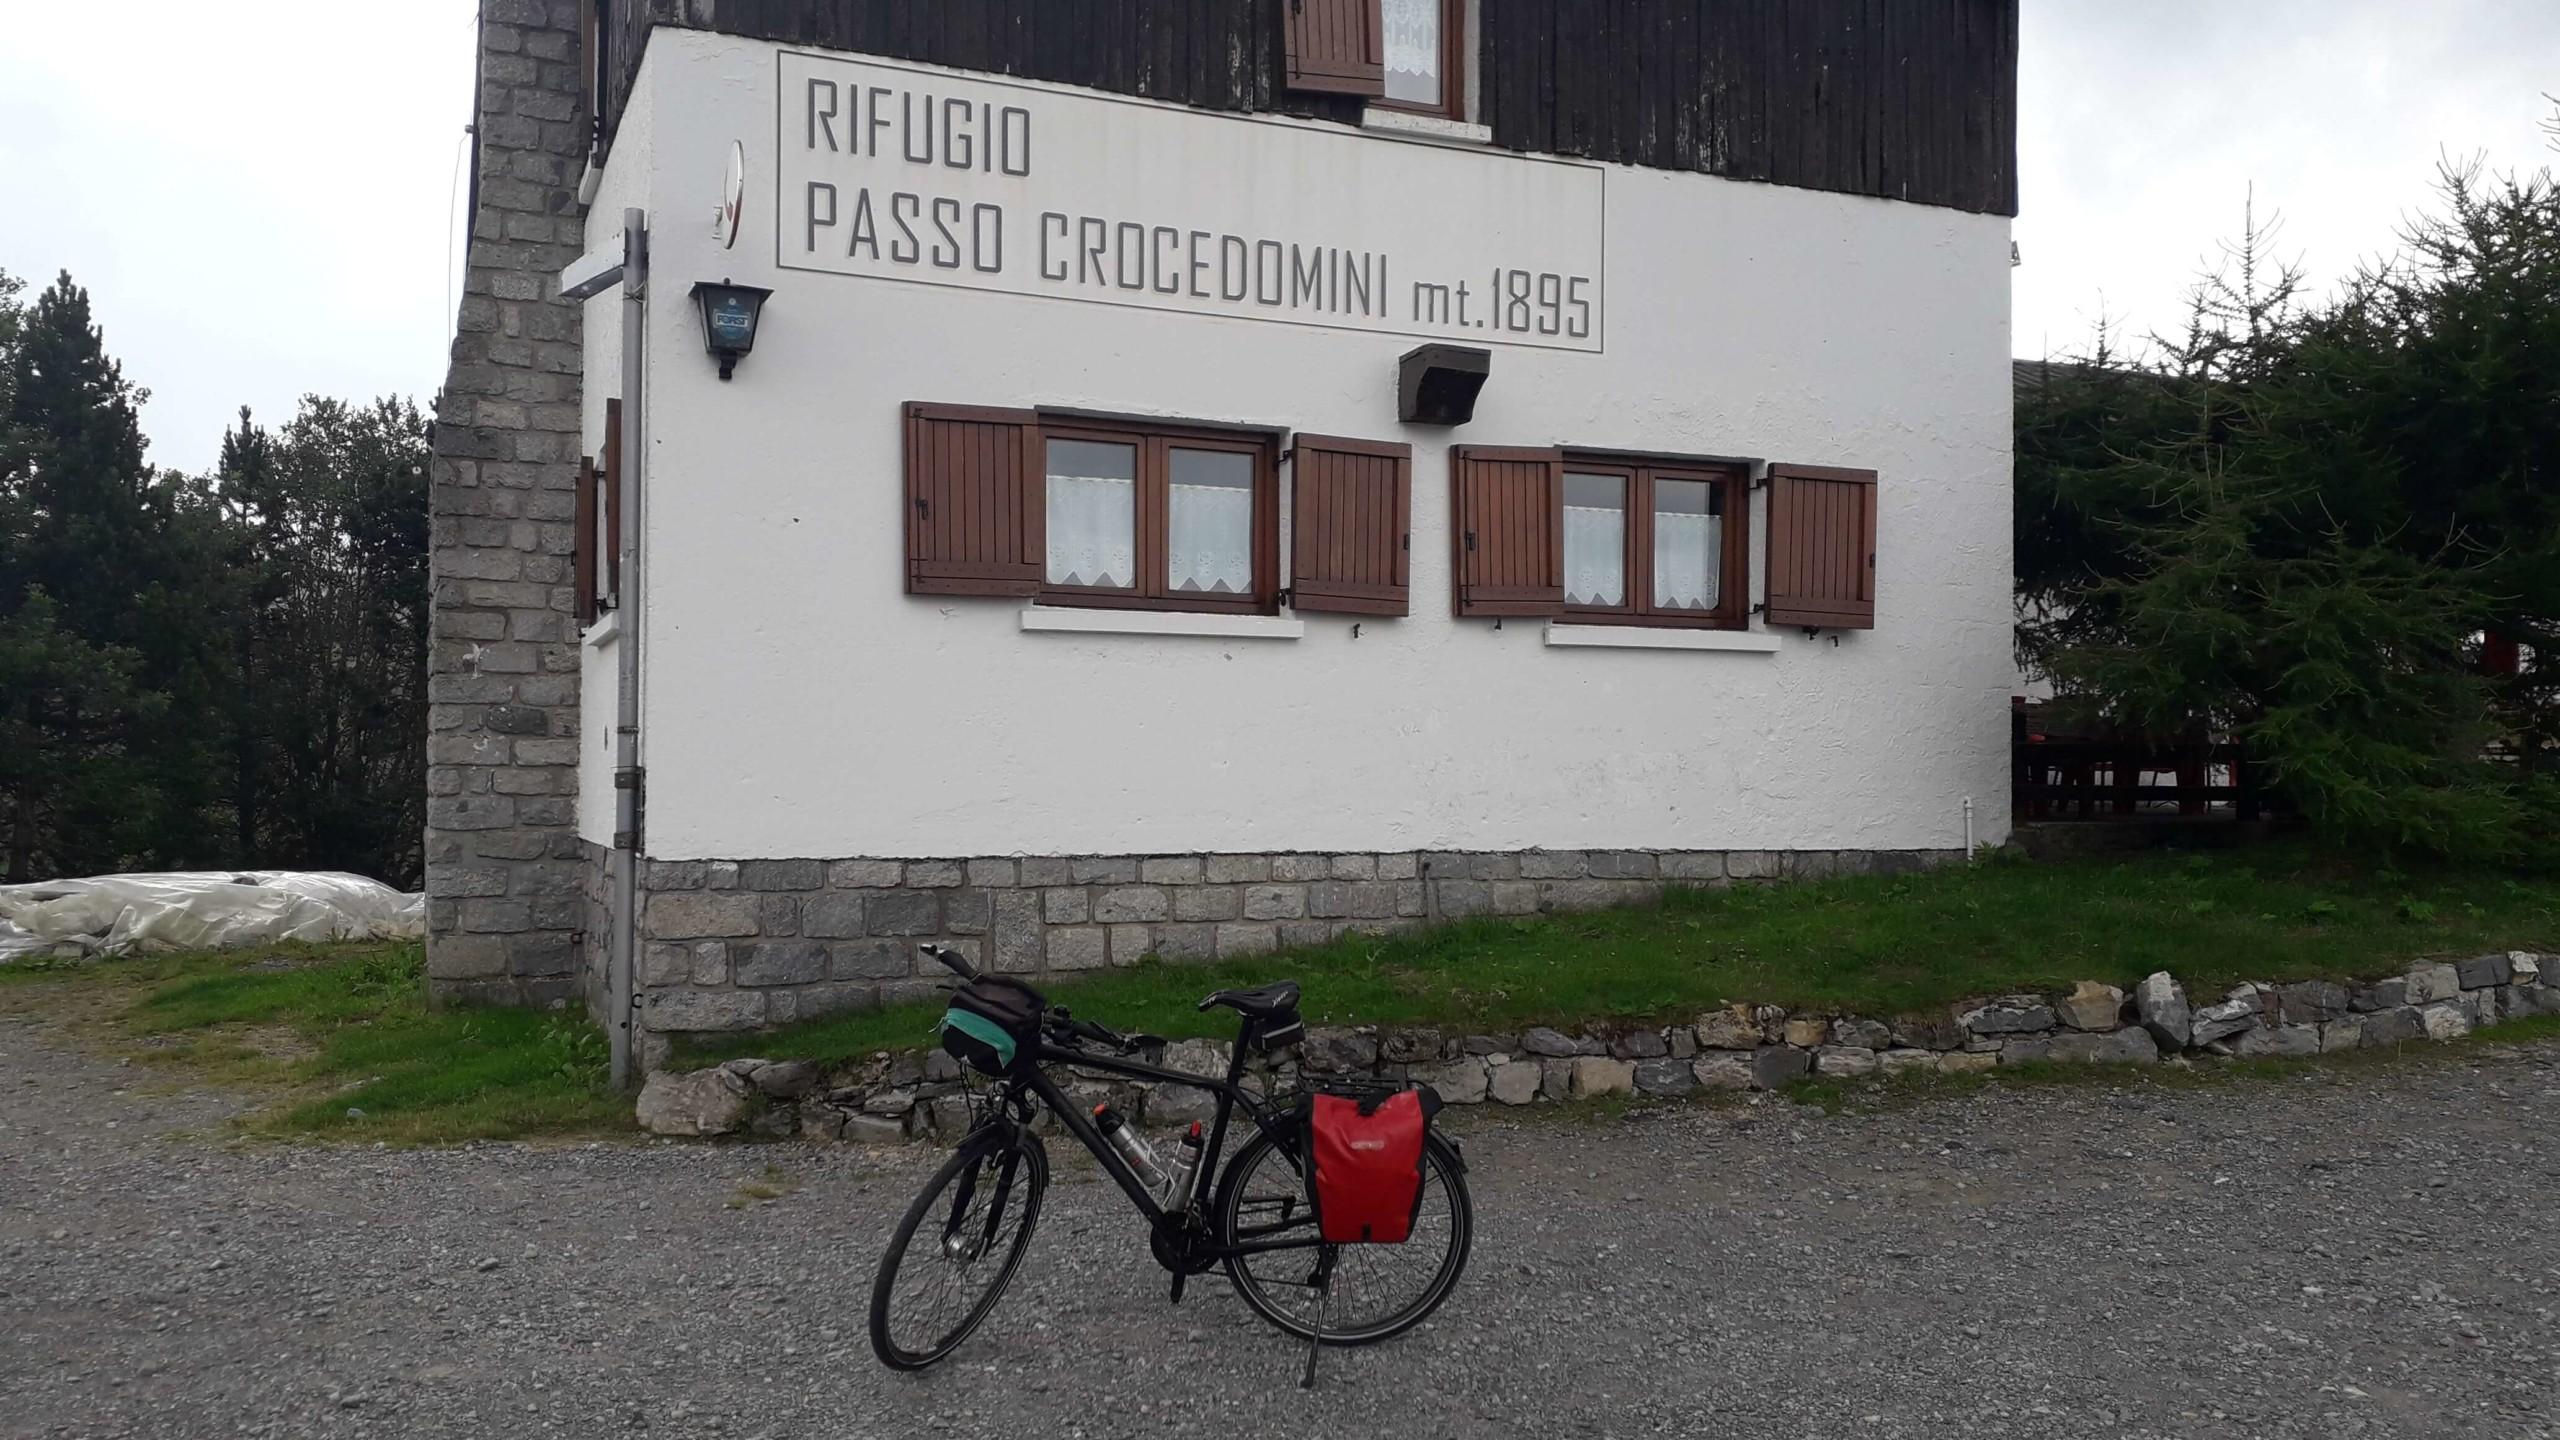 Bienno passo Crocedomini con road bike